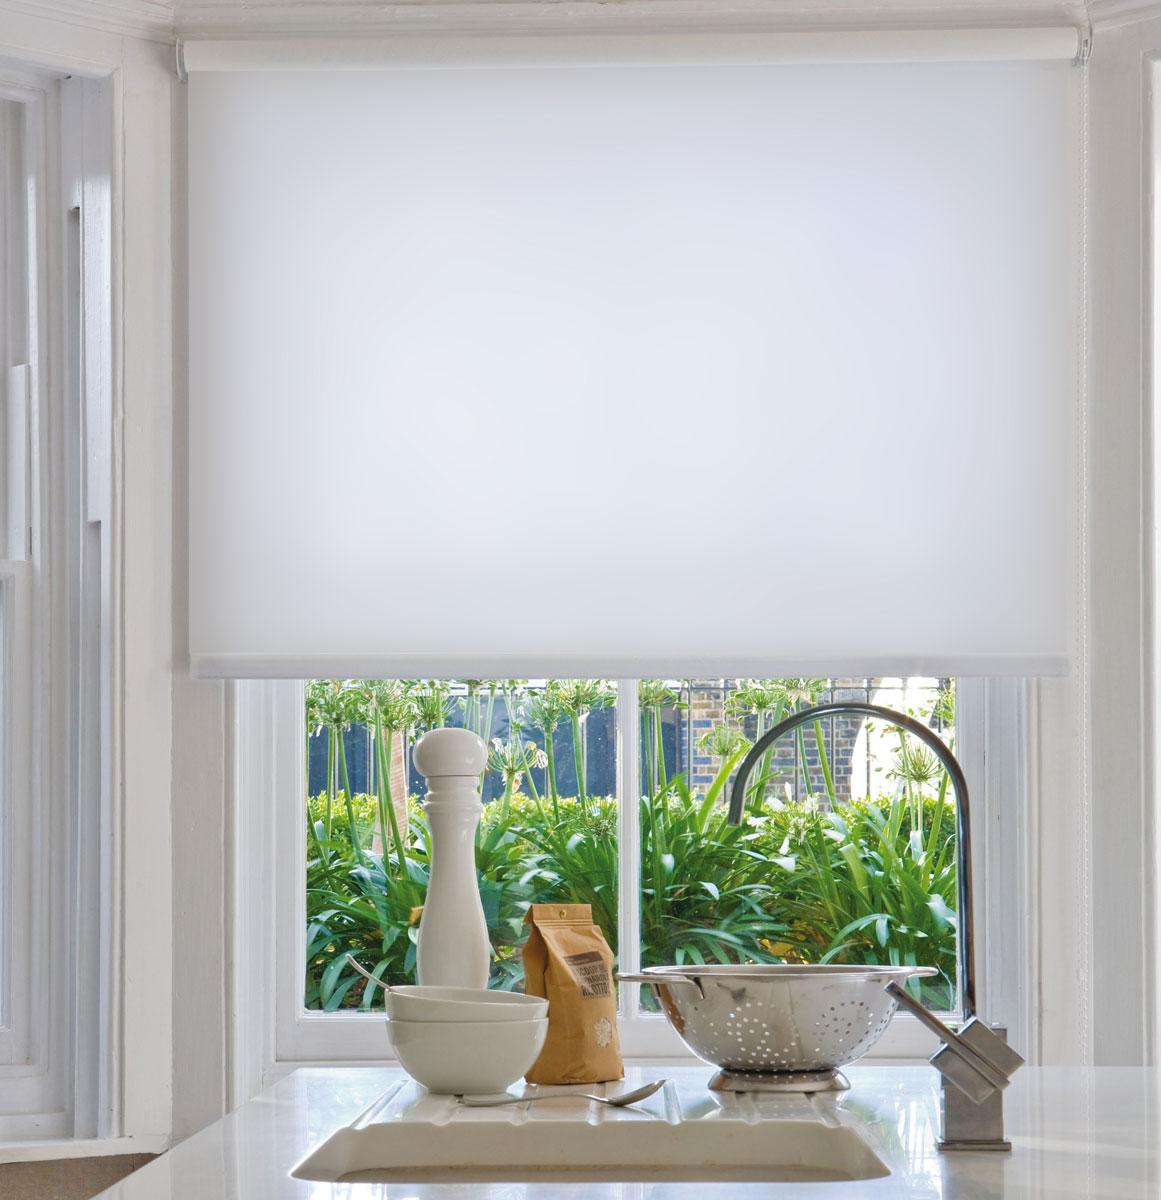 Штора рулонная KauffOrt Миниролло, светонепроницаемая, цвет: белый, ширина 62 см, высота 170 см94062007Рулонная штора KauffOrt Миниролло выполнена из высокопрочной полностью светонепроницаемой ткани белого цвета, которая сохраняет свой размер даже при намокании. Ткань не выцветает и обладает отличной цветоустойчивостью. Миниролло - это подвид рулонных штор, который закрывает не весь оконный проем, а непосредственно само стекло. Такие шторы крепятся на раму без сверления при помощи зажимов или клейкой двухсторонней ленты. Окно остаётся на гарантии, благодаря монтажу без сверления. Такая штора станет прекрасным элементом декора окна и гармонично впишется в интерьер любого помещения.